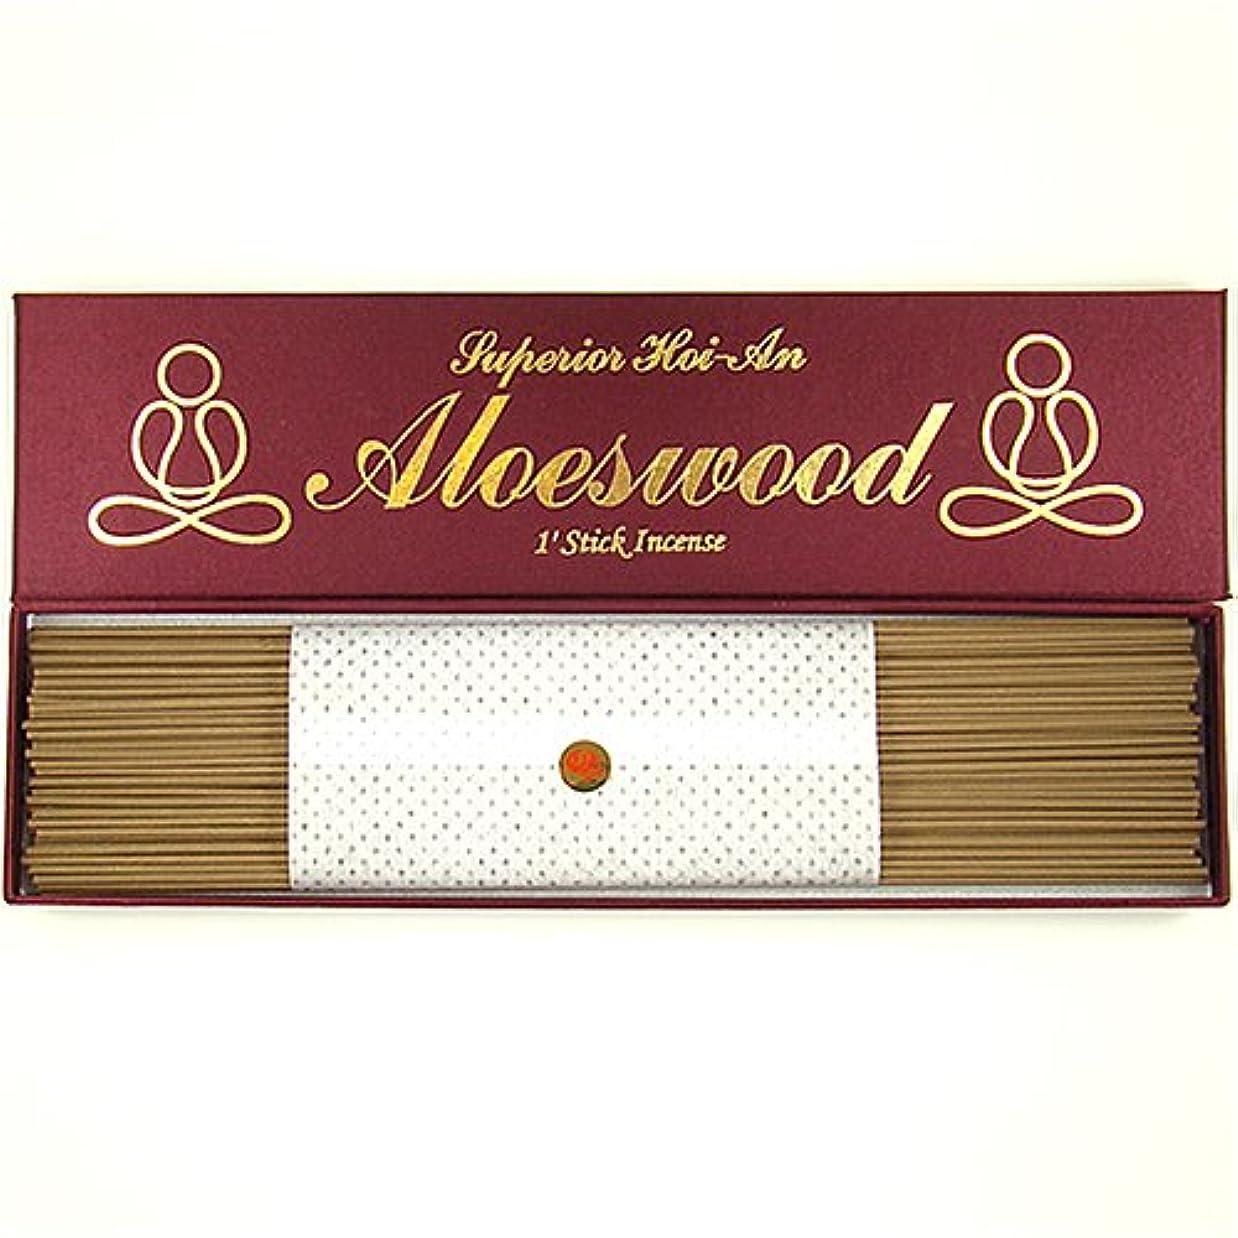 周波数通常苦行優れたグレードベトナム語hoi-an (jinko) Aloeswood – 1 ' Stick Incense – 100 % Natural – g105s